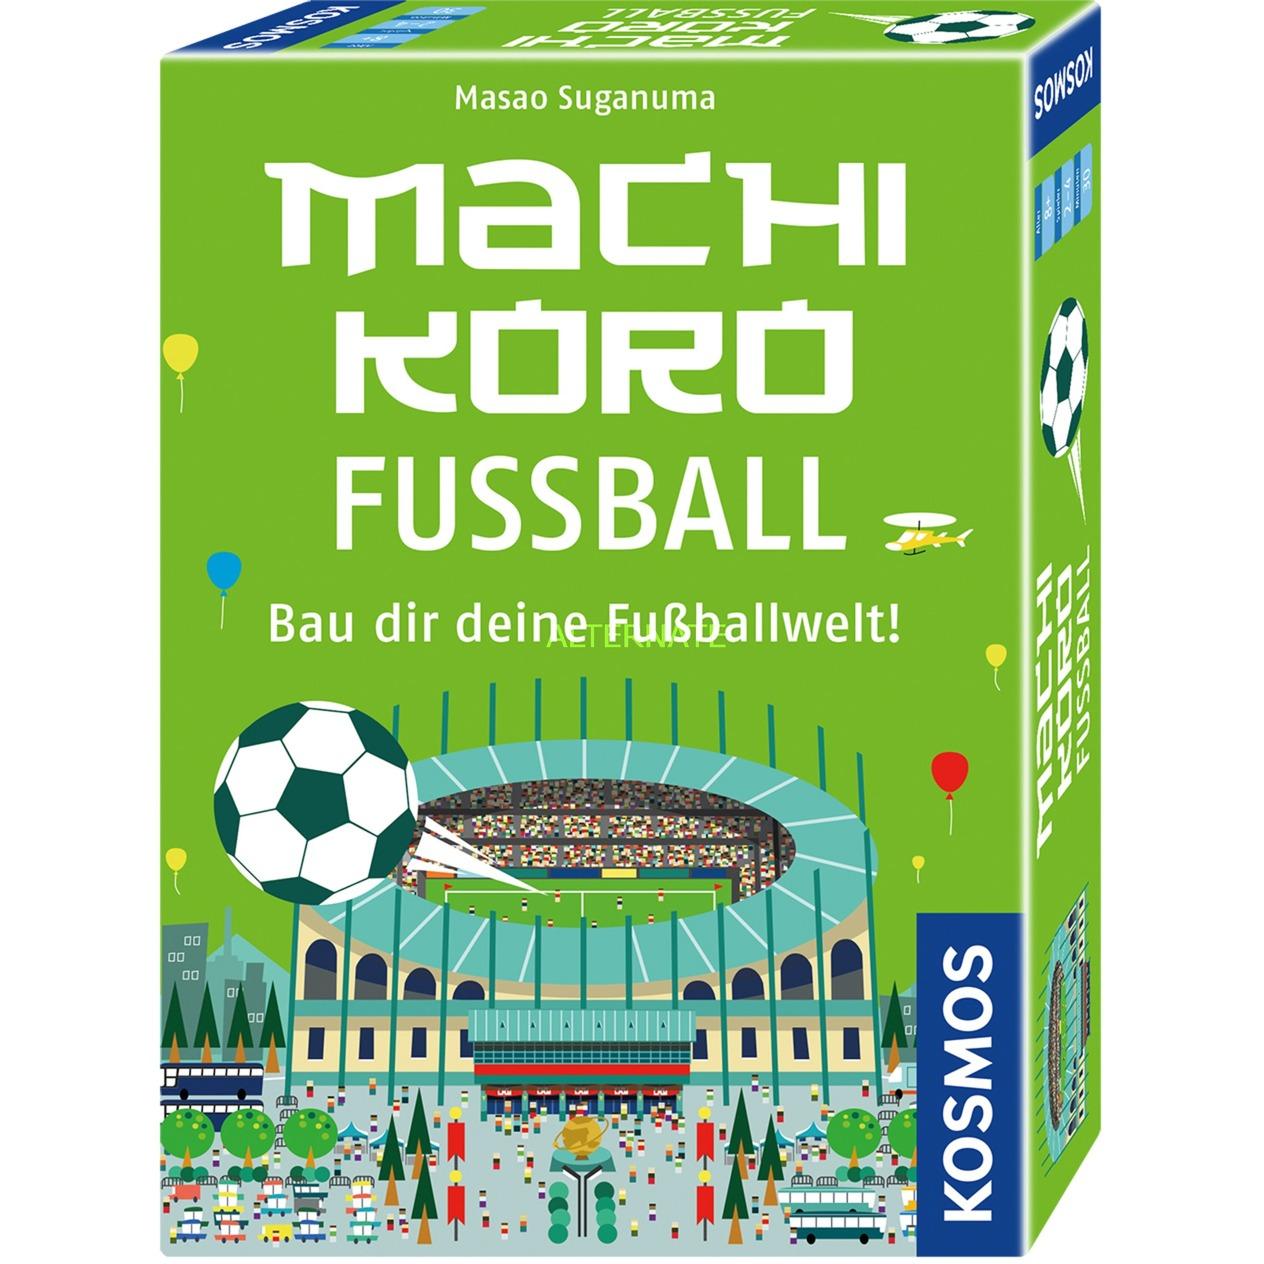 4002051692971 libro Educativo Other Formats Alemán, Juegos de cartas